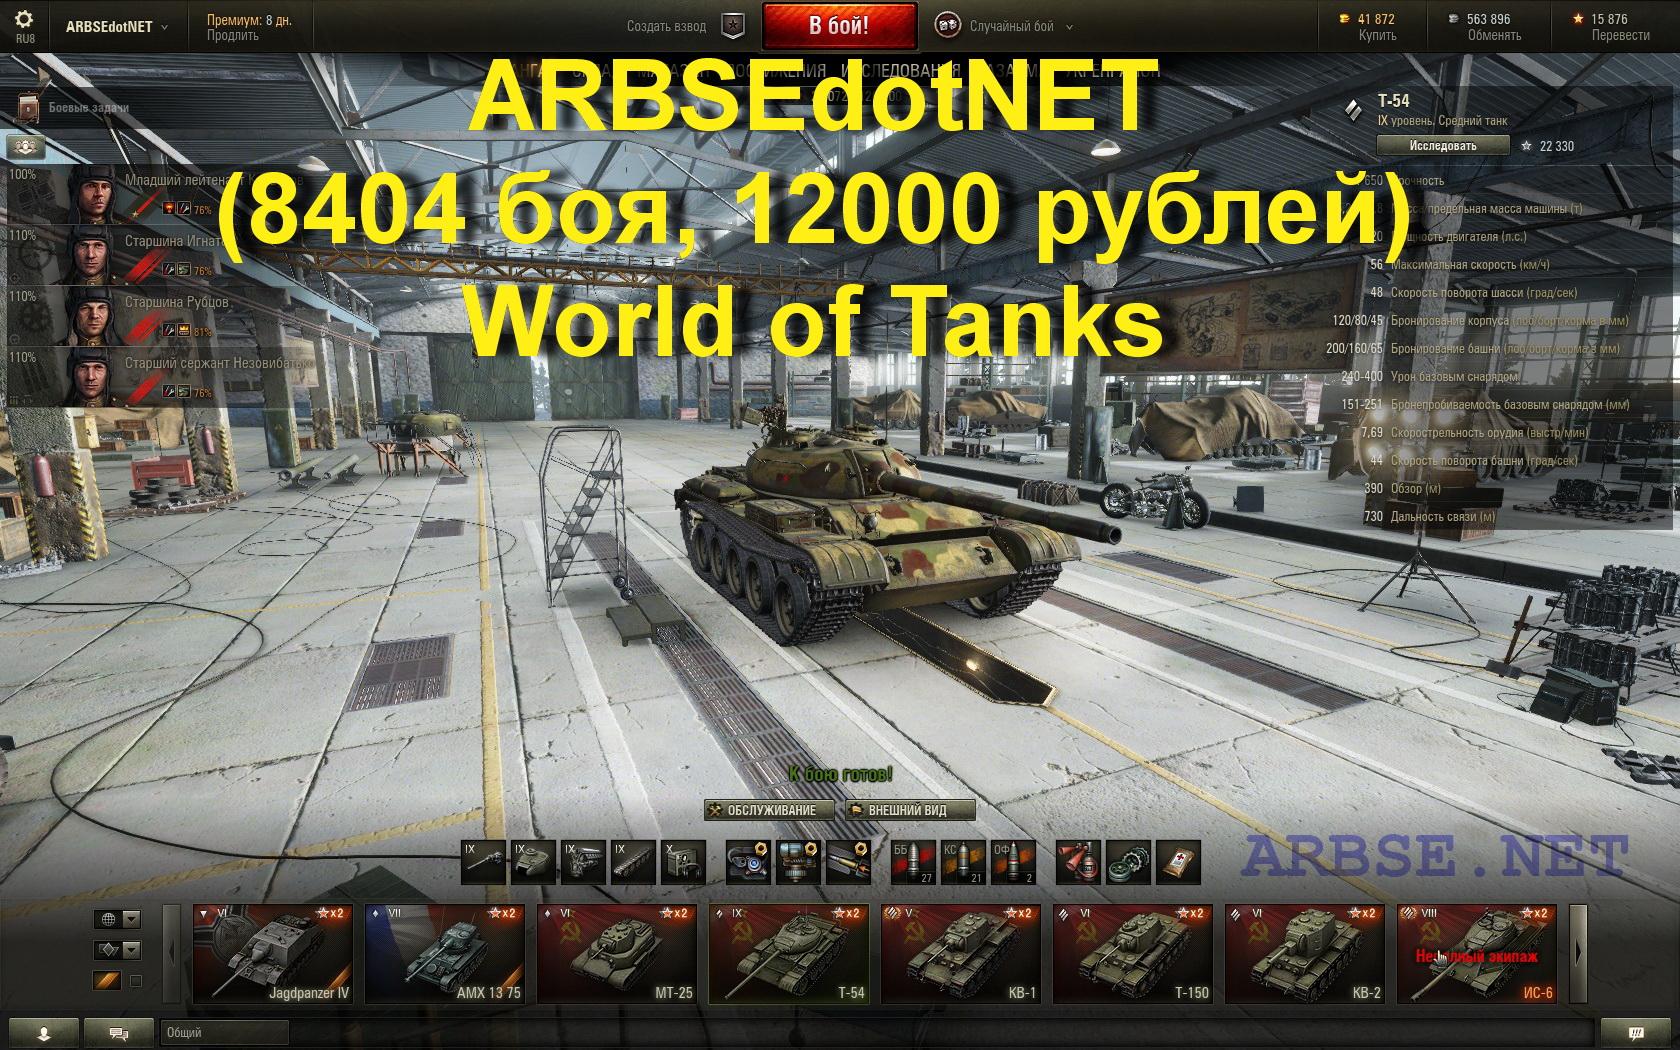 Купить аккаунт в ворлд оф танк за 15 рублей и выше как купить объект 260 ворлд оф танкс